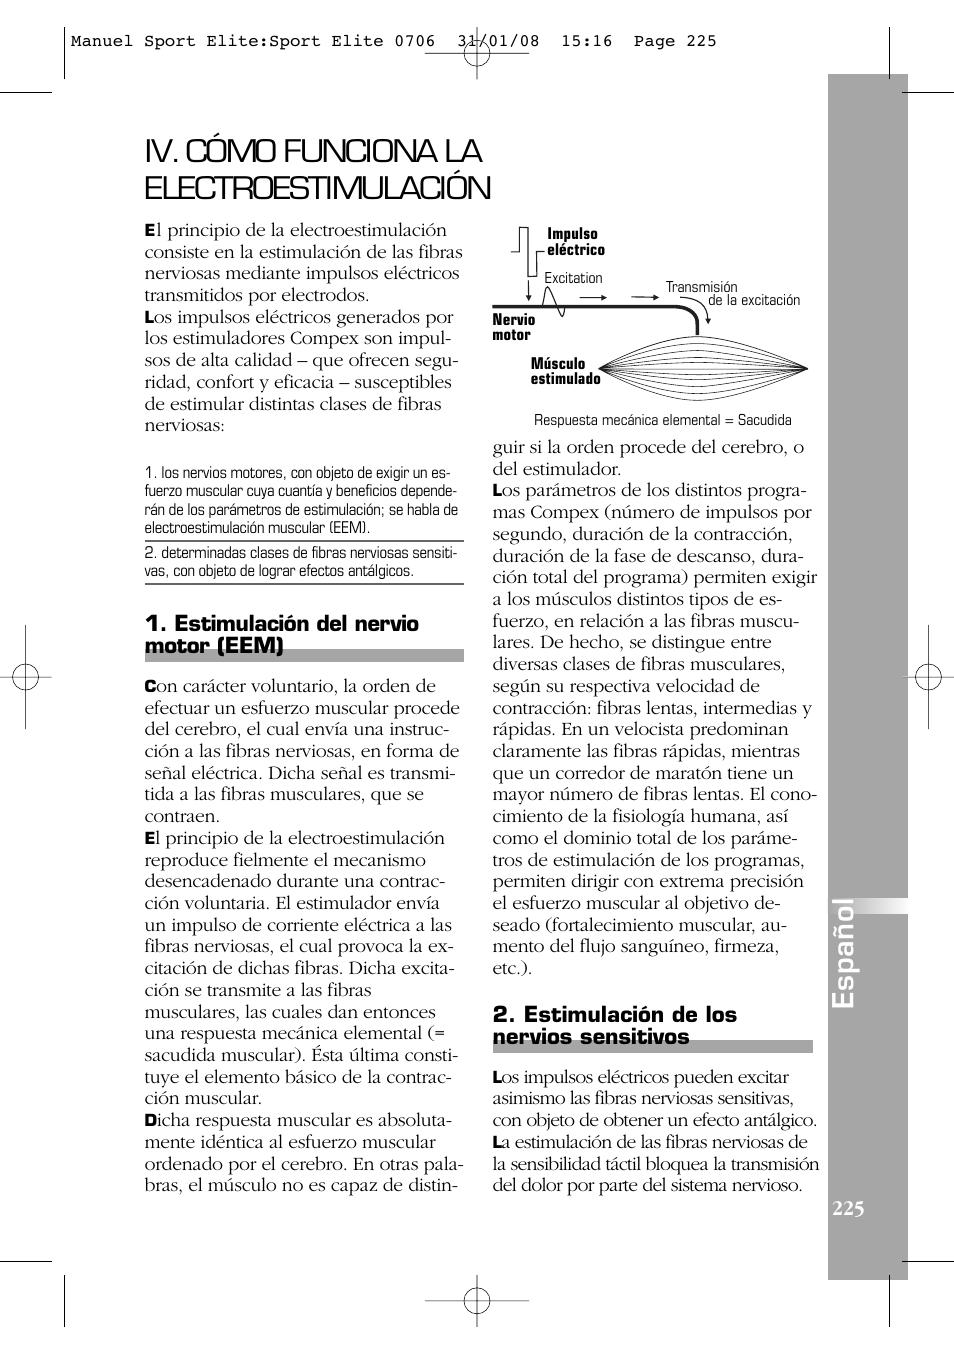 Sozofintao dating manual